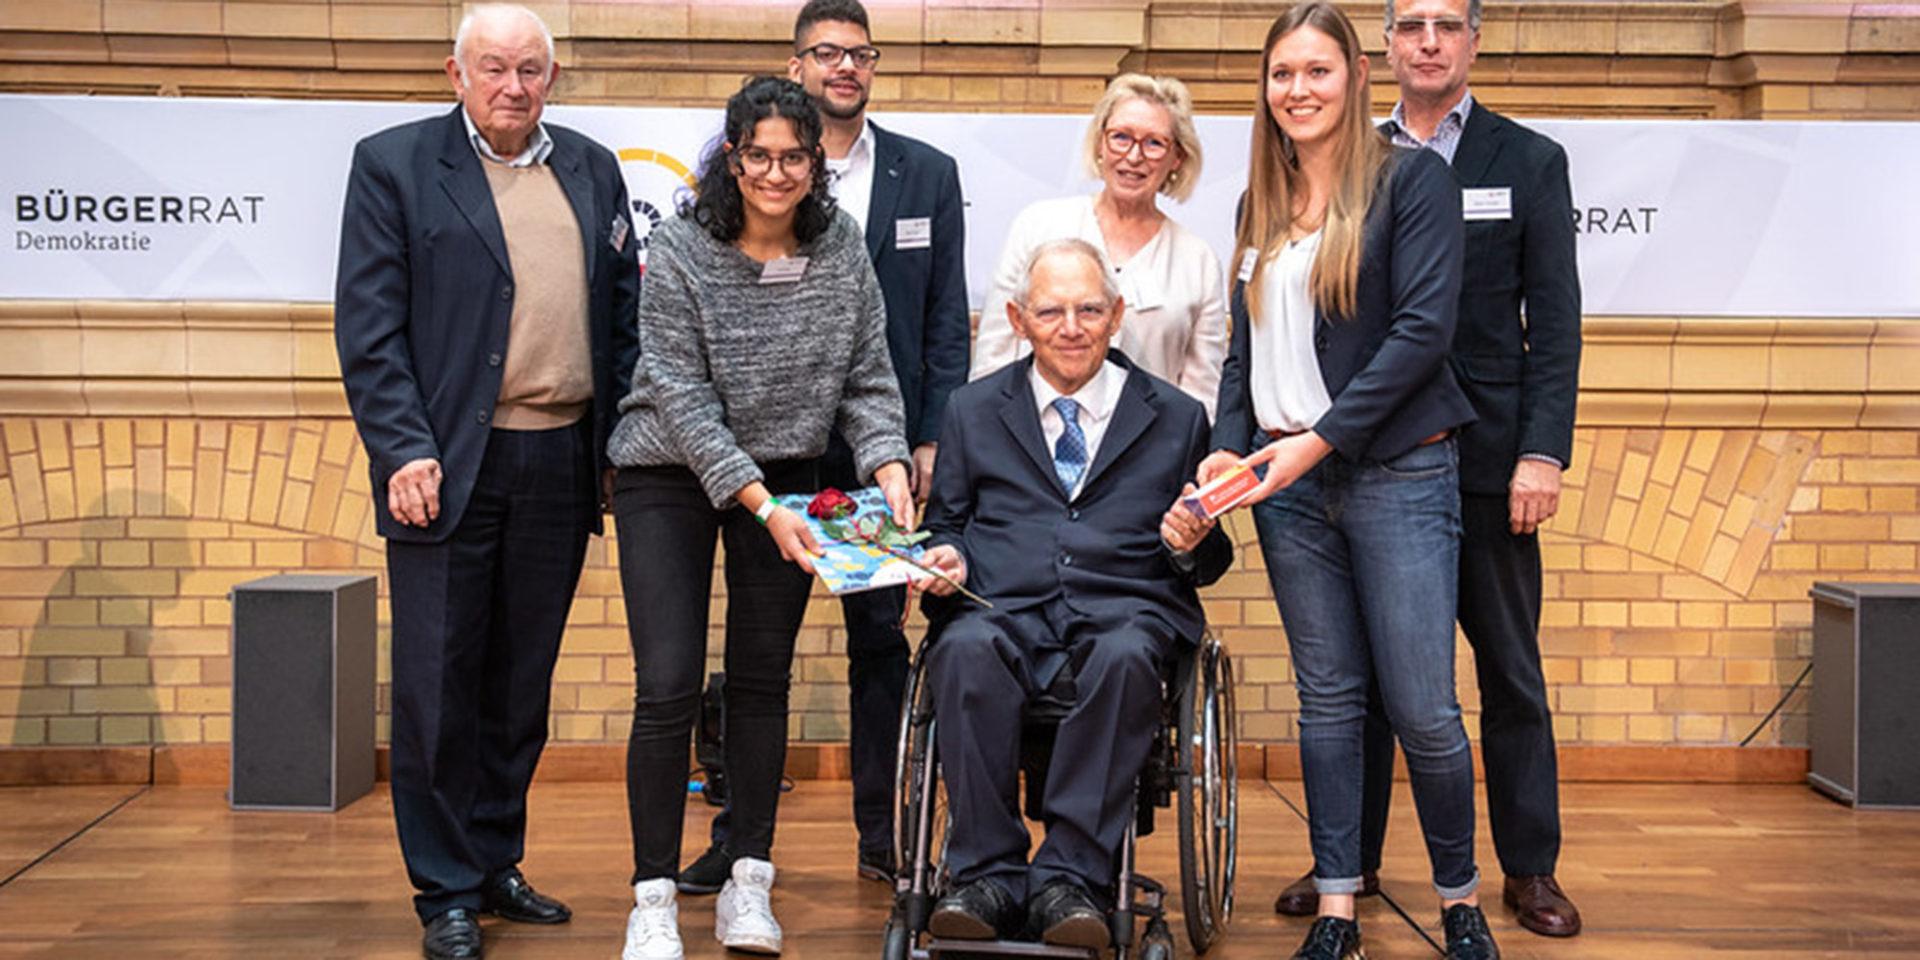 Fünf Vertreterinnen und Vertreter des Bürgerrats, in Begleitung vom Vorsitzenden Günther Beckstein, übergeben das Bürgergutachten an Bundestagspräsident Wolfgang Schäuble.